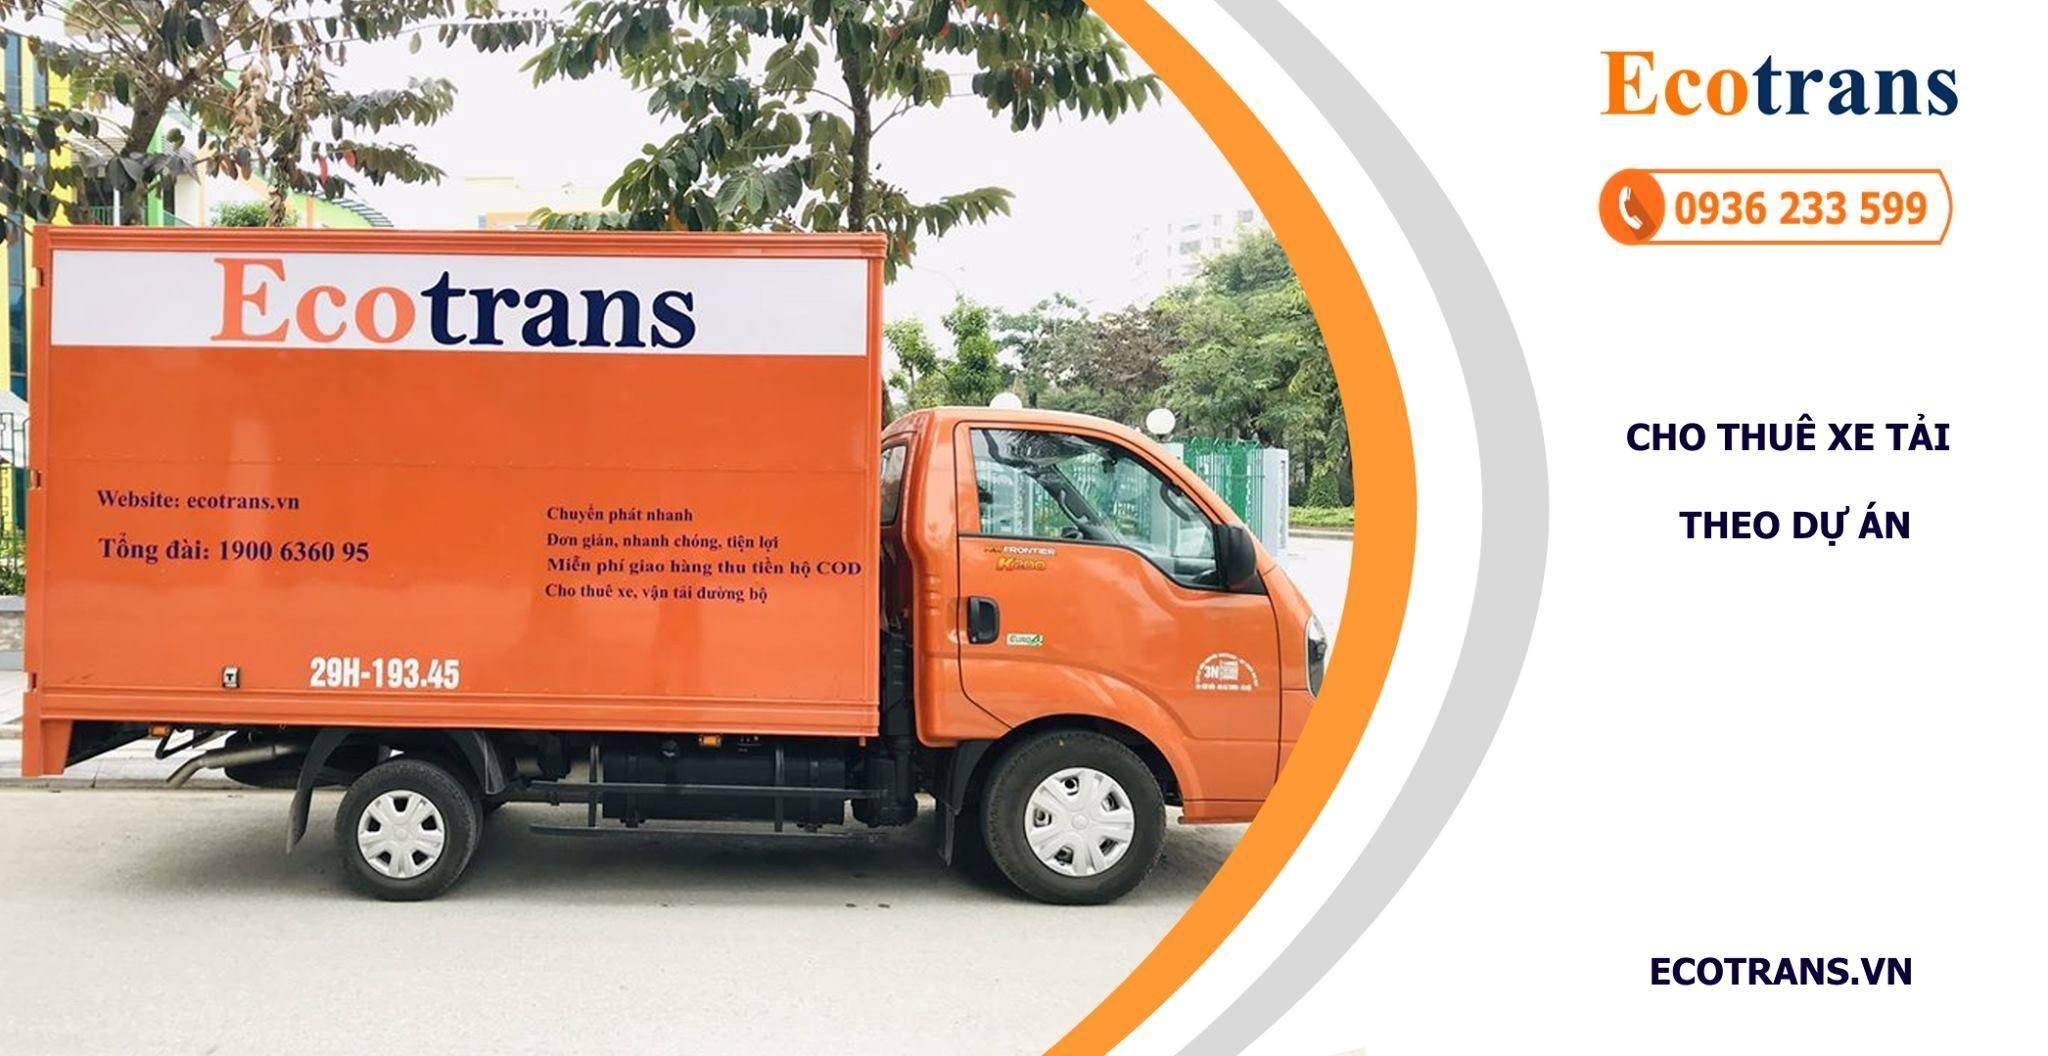 Giá ưu đãi với dịch vụ thuê xe tải theo dự án